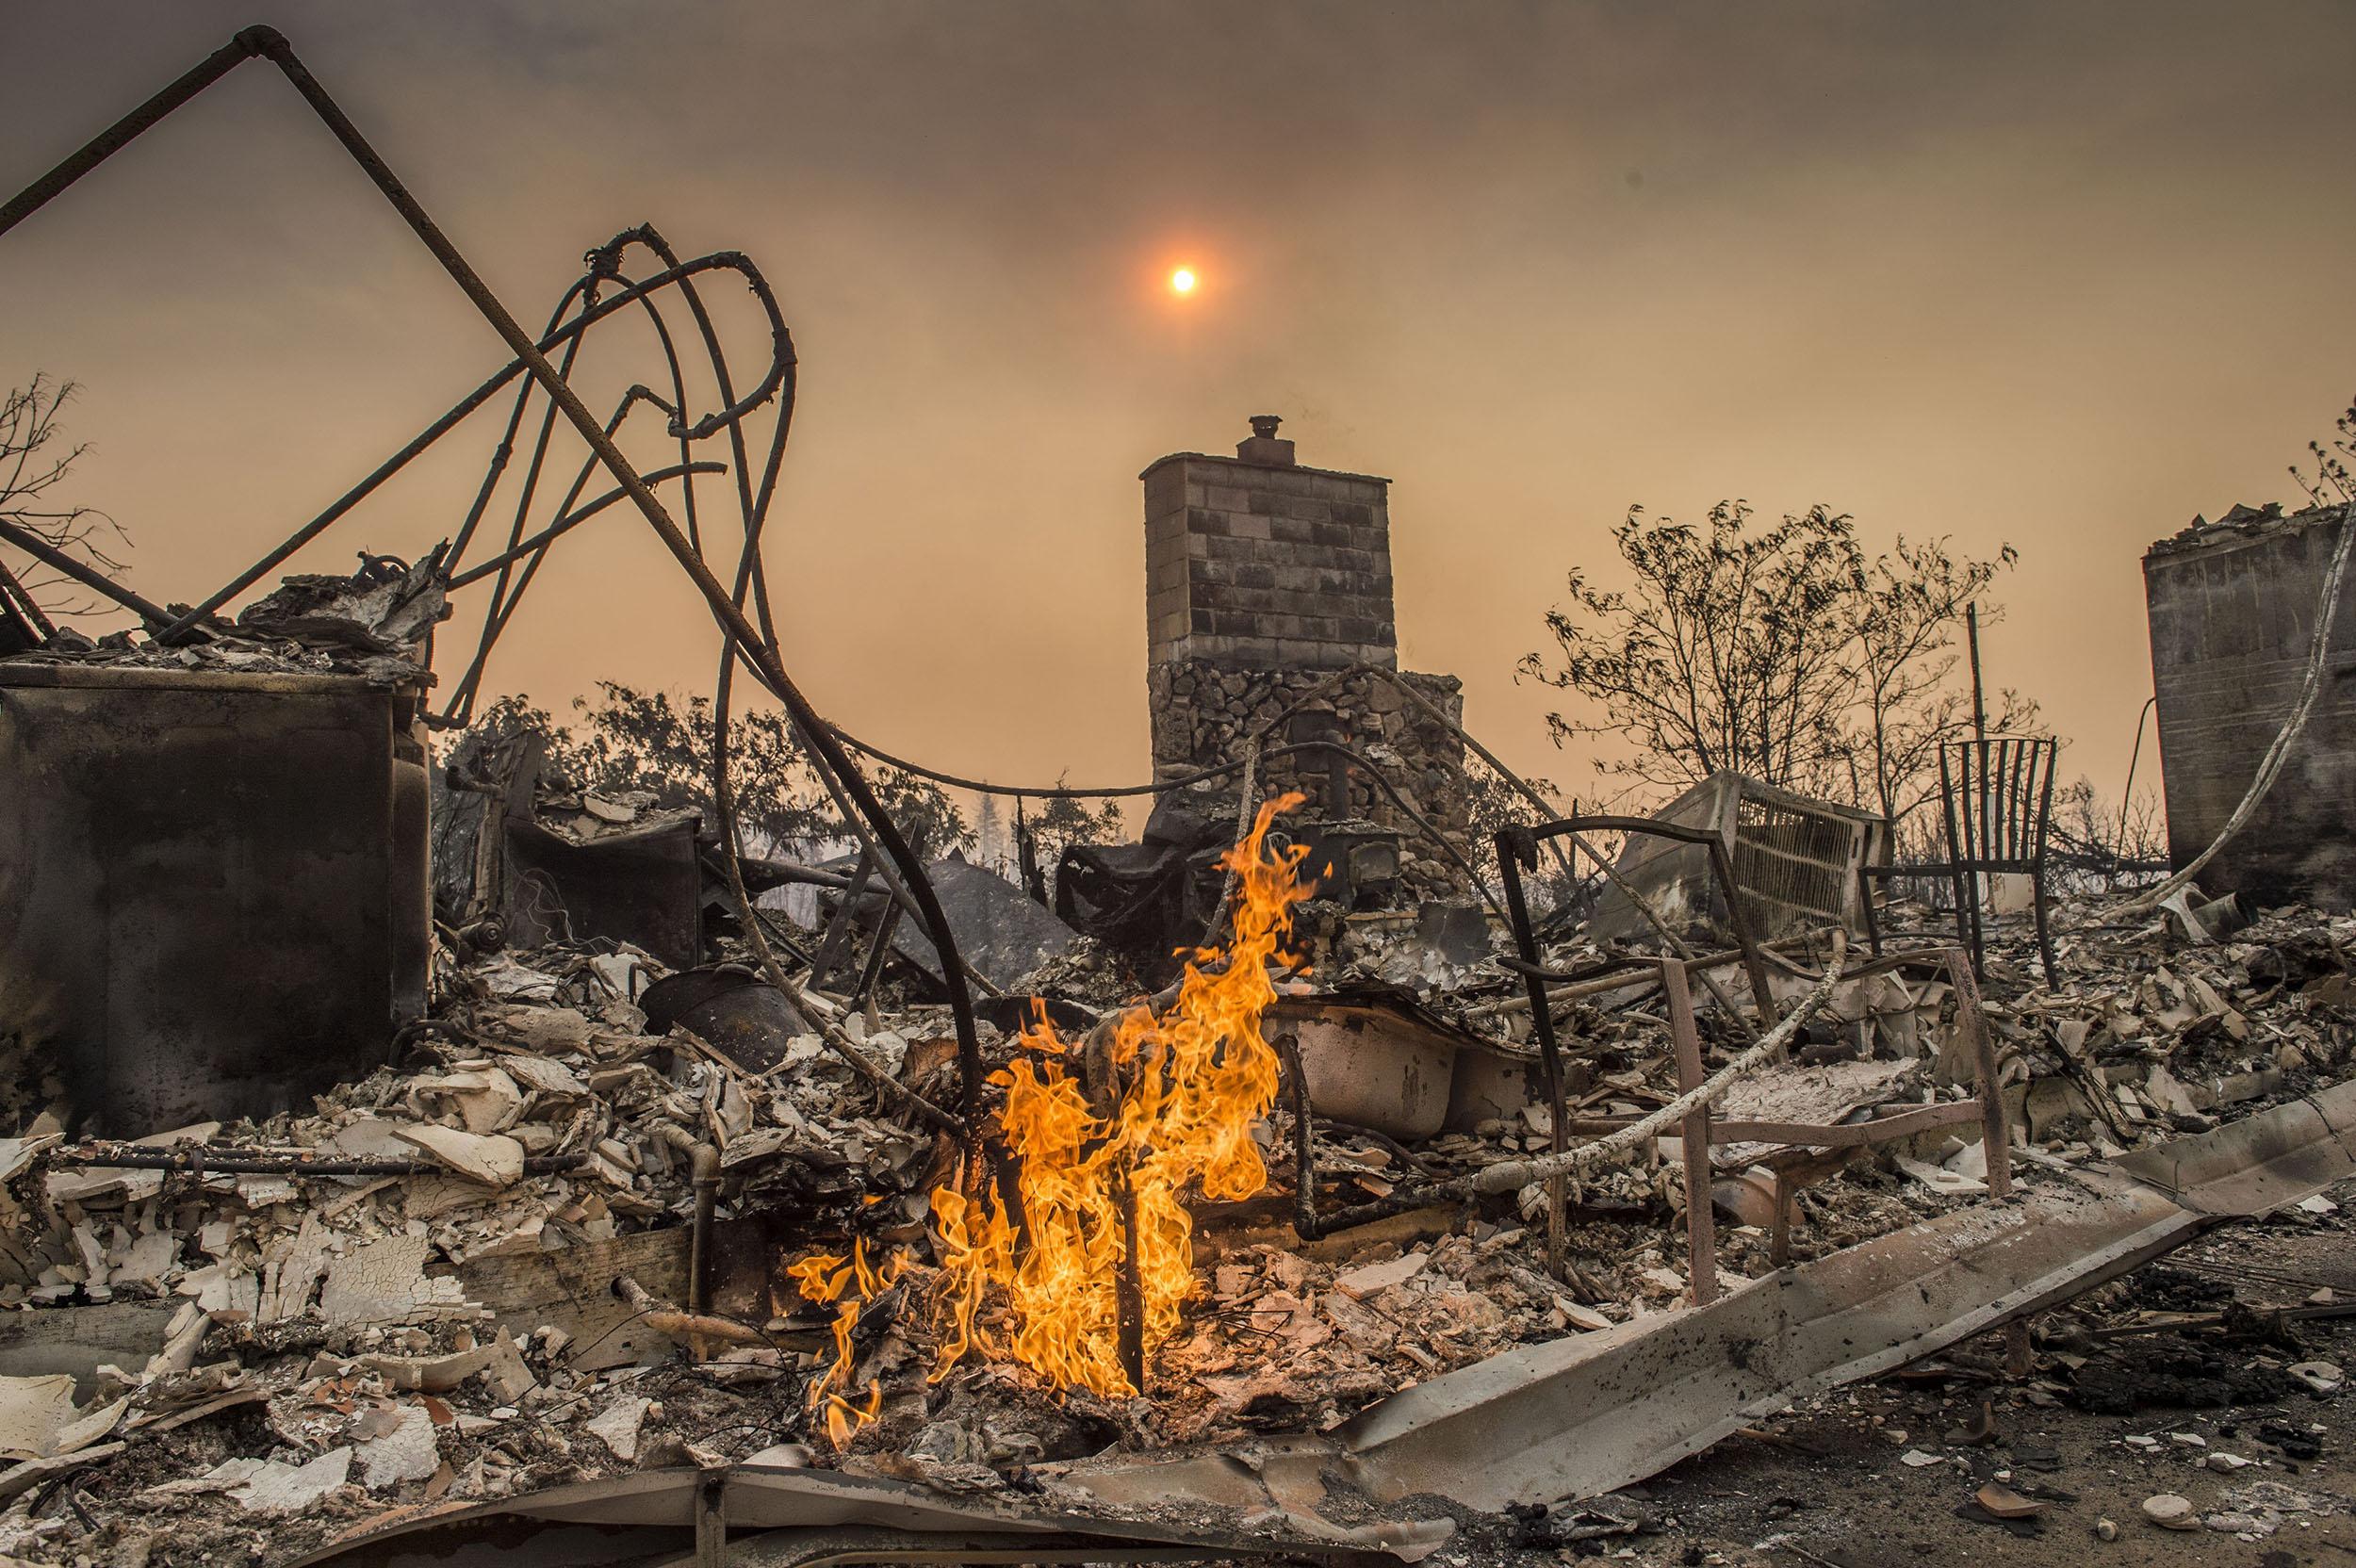 عظیم ترین آتش سوزی تاریخ کالیفرنیا / اعزام نیروی کمکی از استرالیا و نیوزیلند